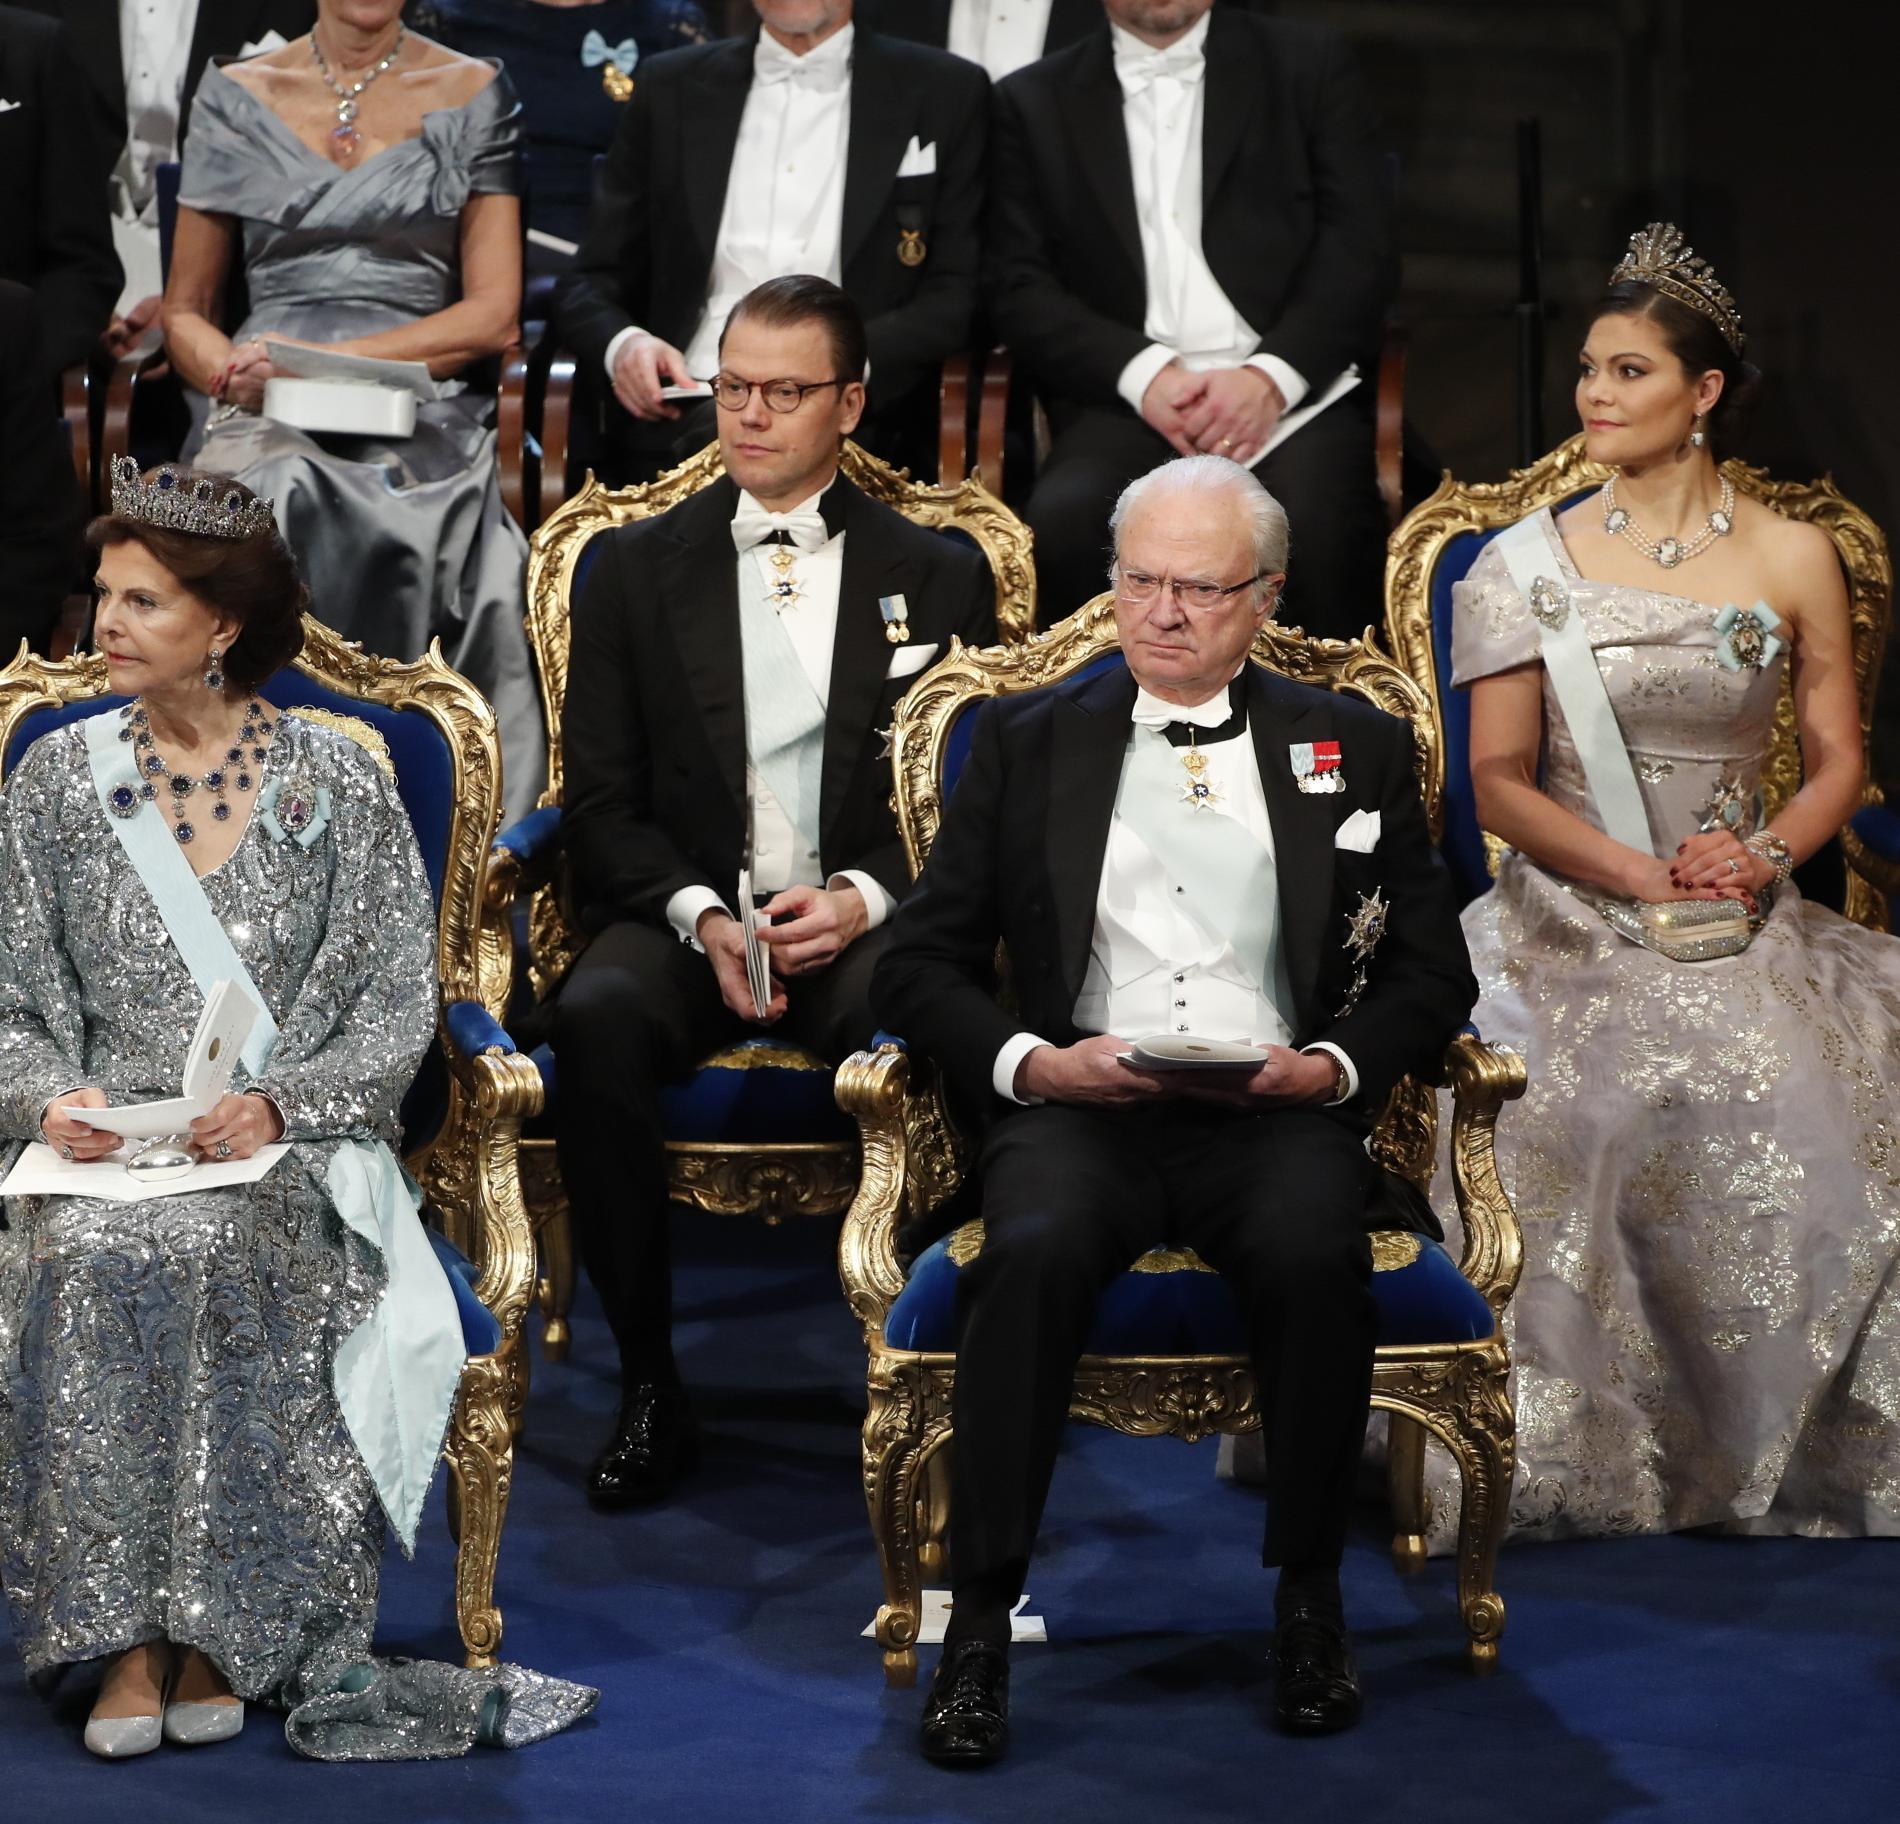 Les photos insolites des têtes couronnées - La famille royale de Suède